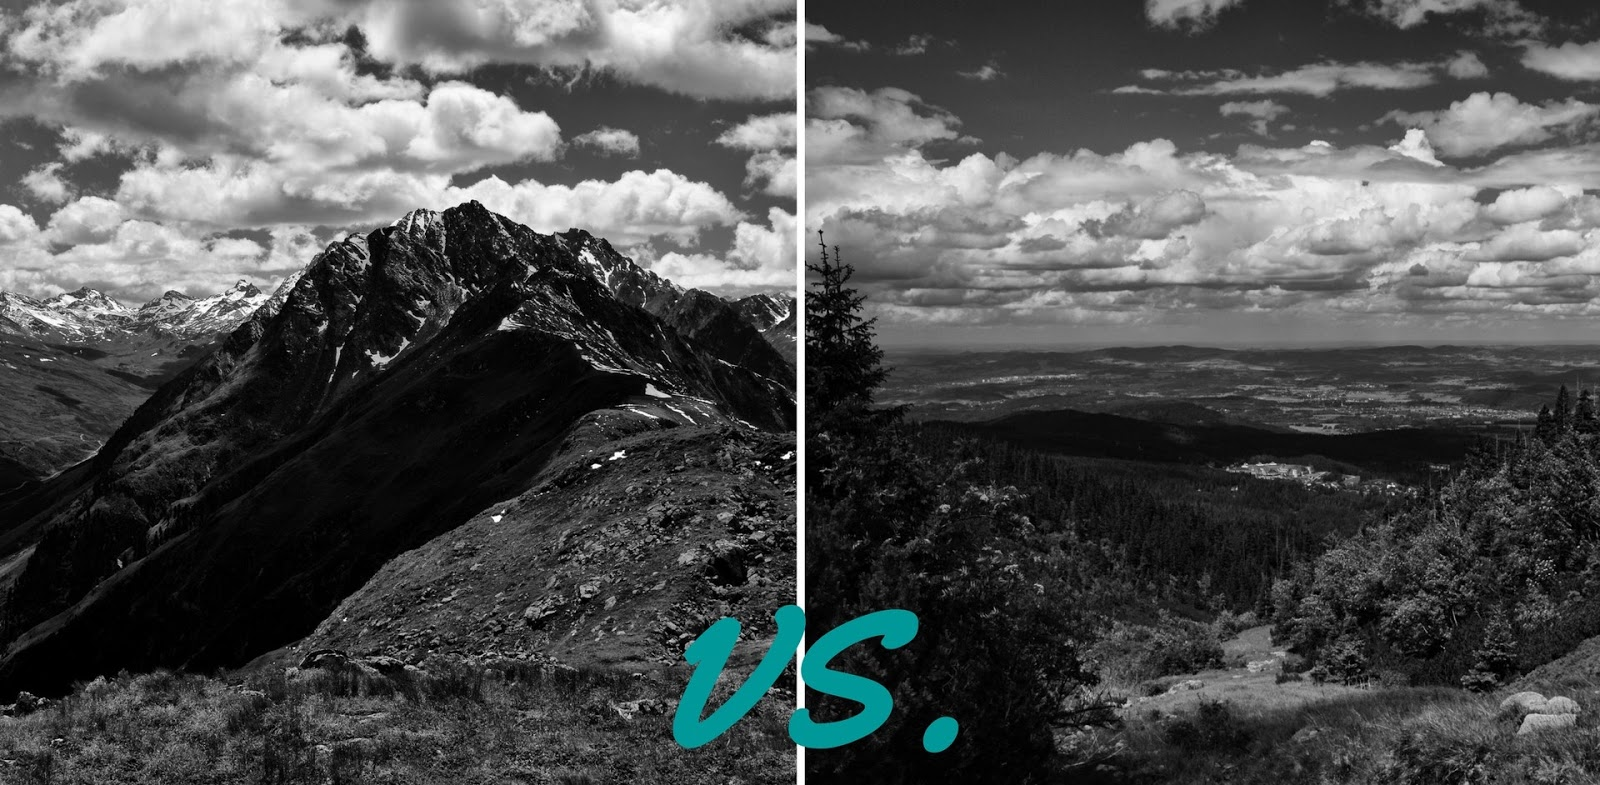 Góry wysokie czy góry średnie - Które lepsze?